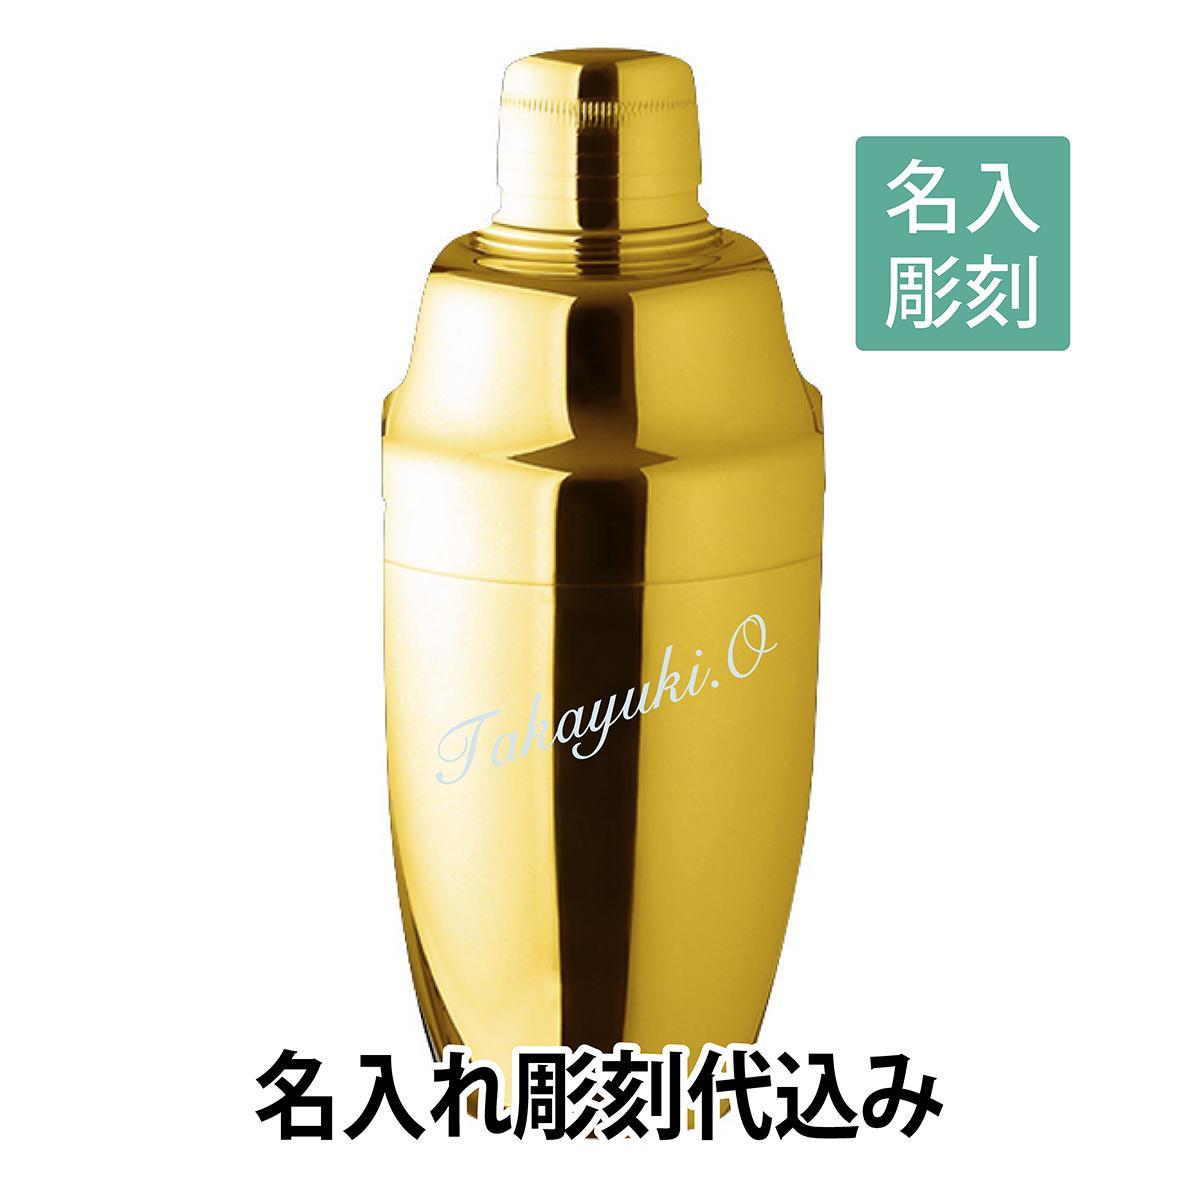 【名入れ彫刻】YUKIWA カクテルシェーカー ゴールド 790ml  日本製:エッチングファクトリーハマ